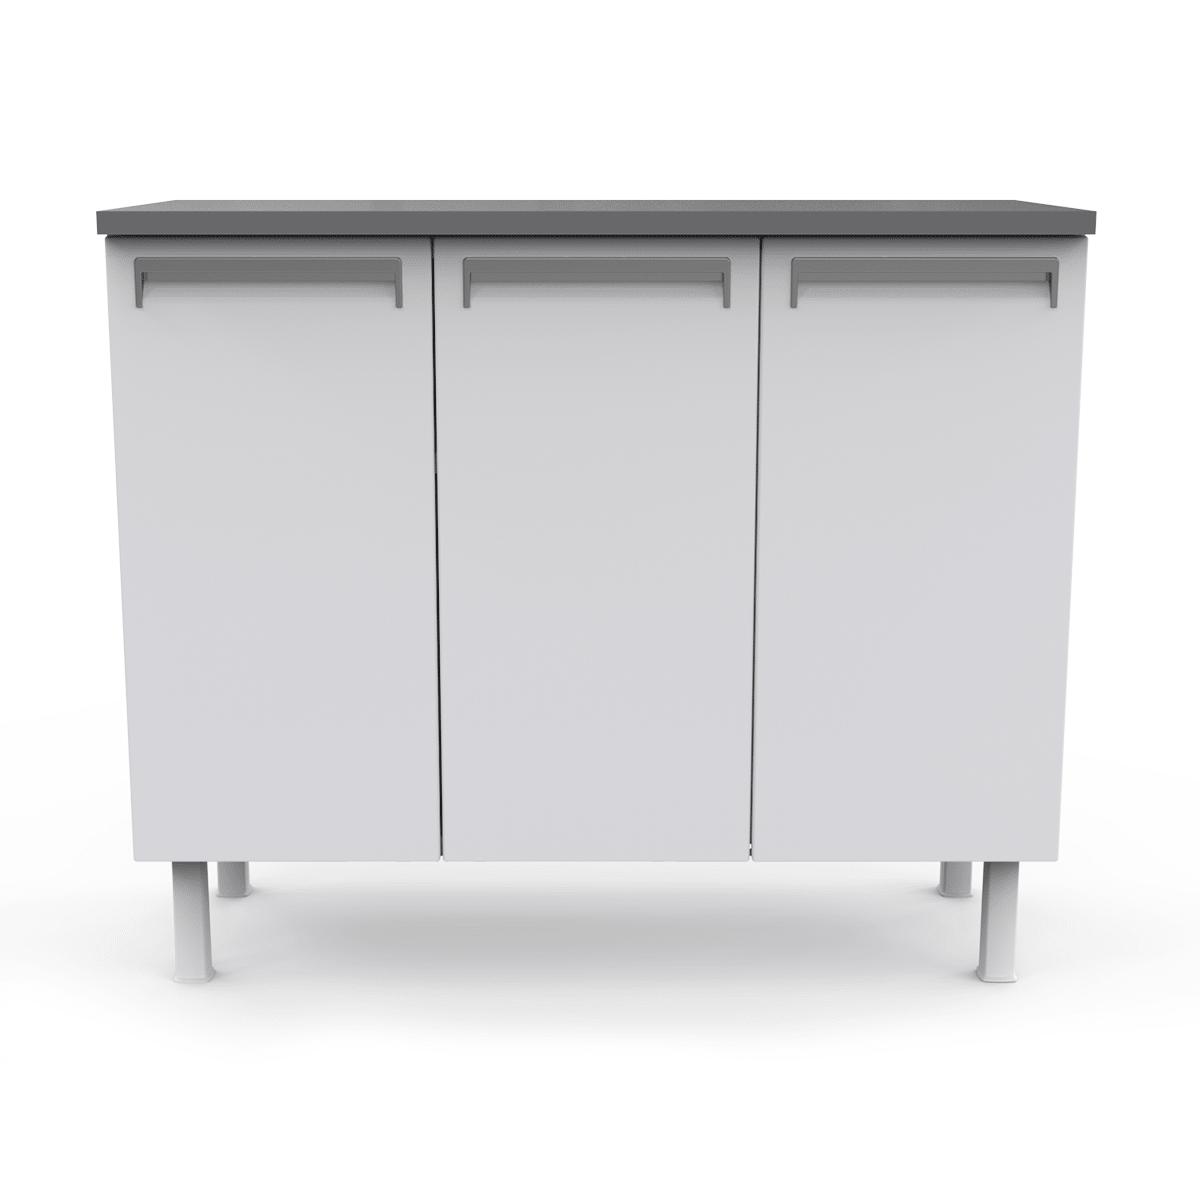 Balcão de Cozinha Colormaq Roma 105cm 3 Portas em Aço Branco e Grafito